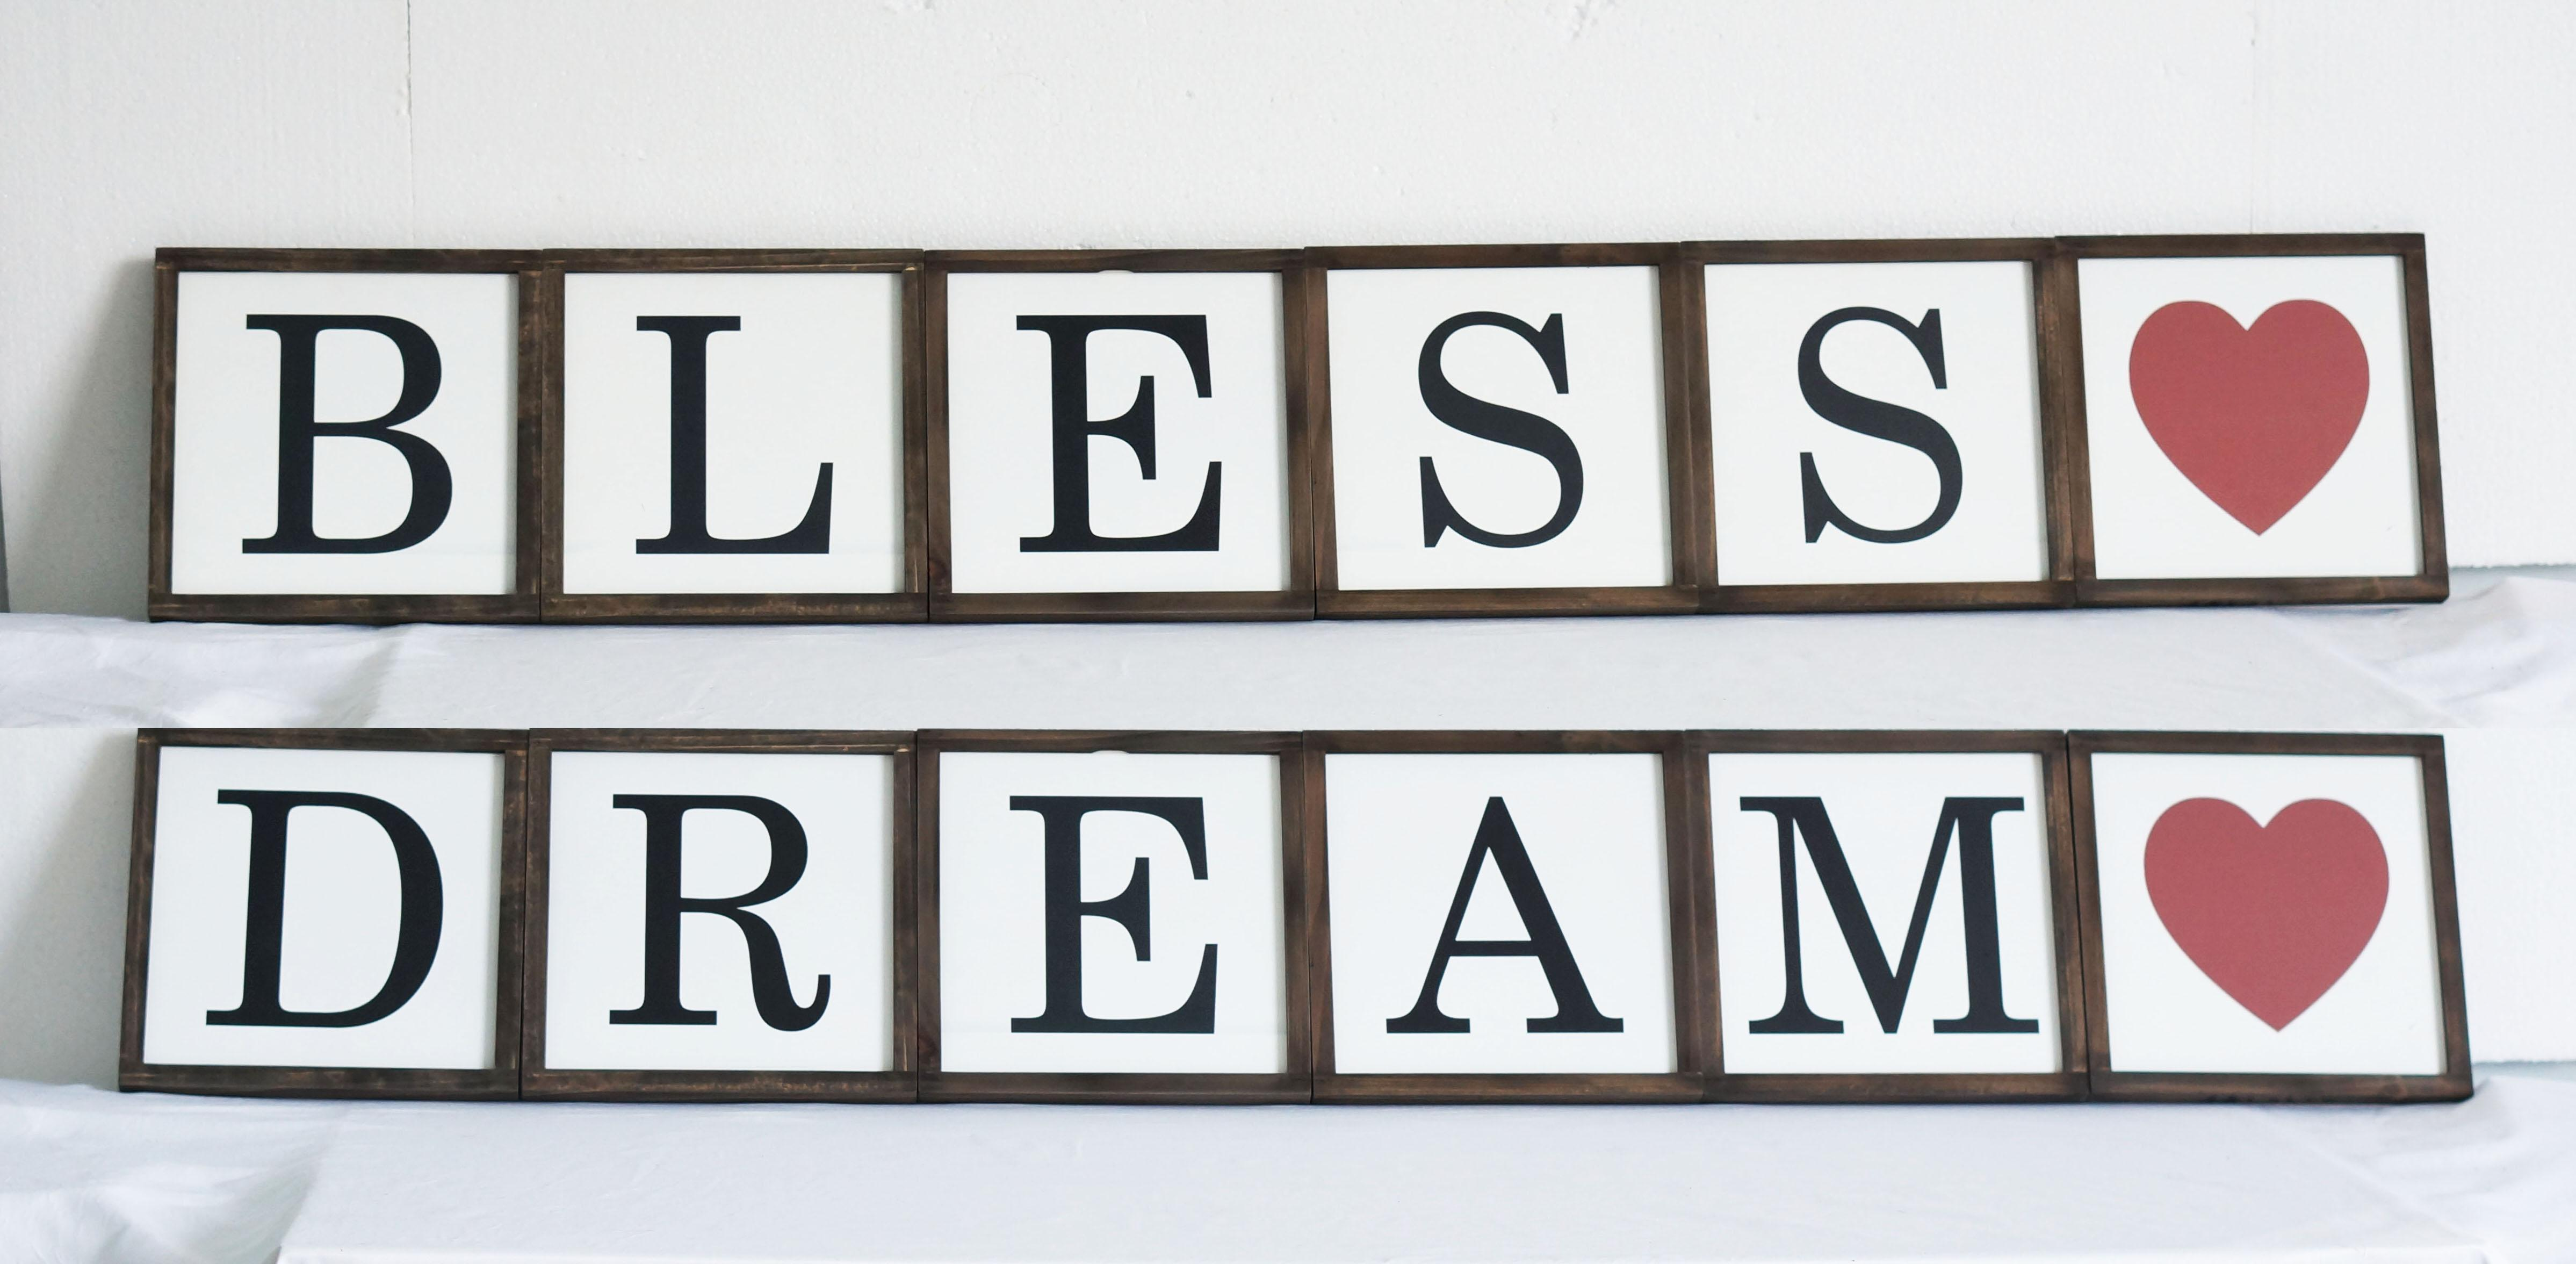 Reversible Dream / Bless Sign